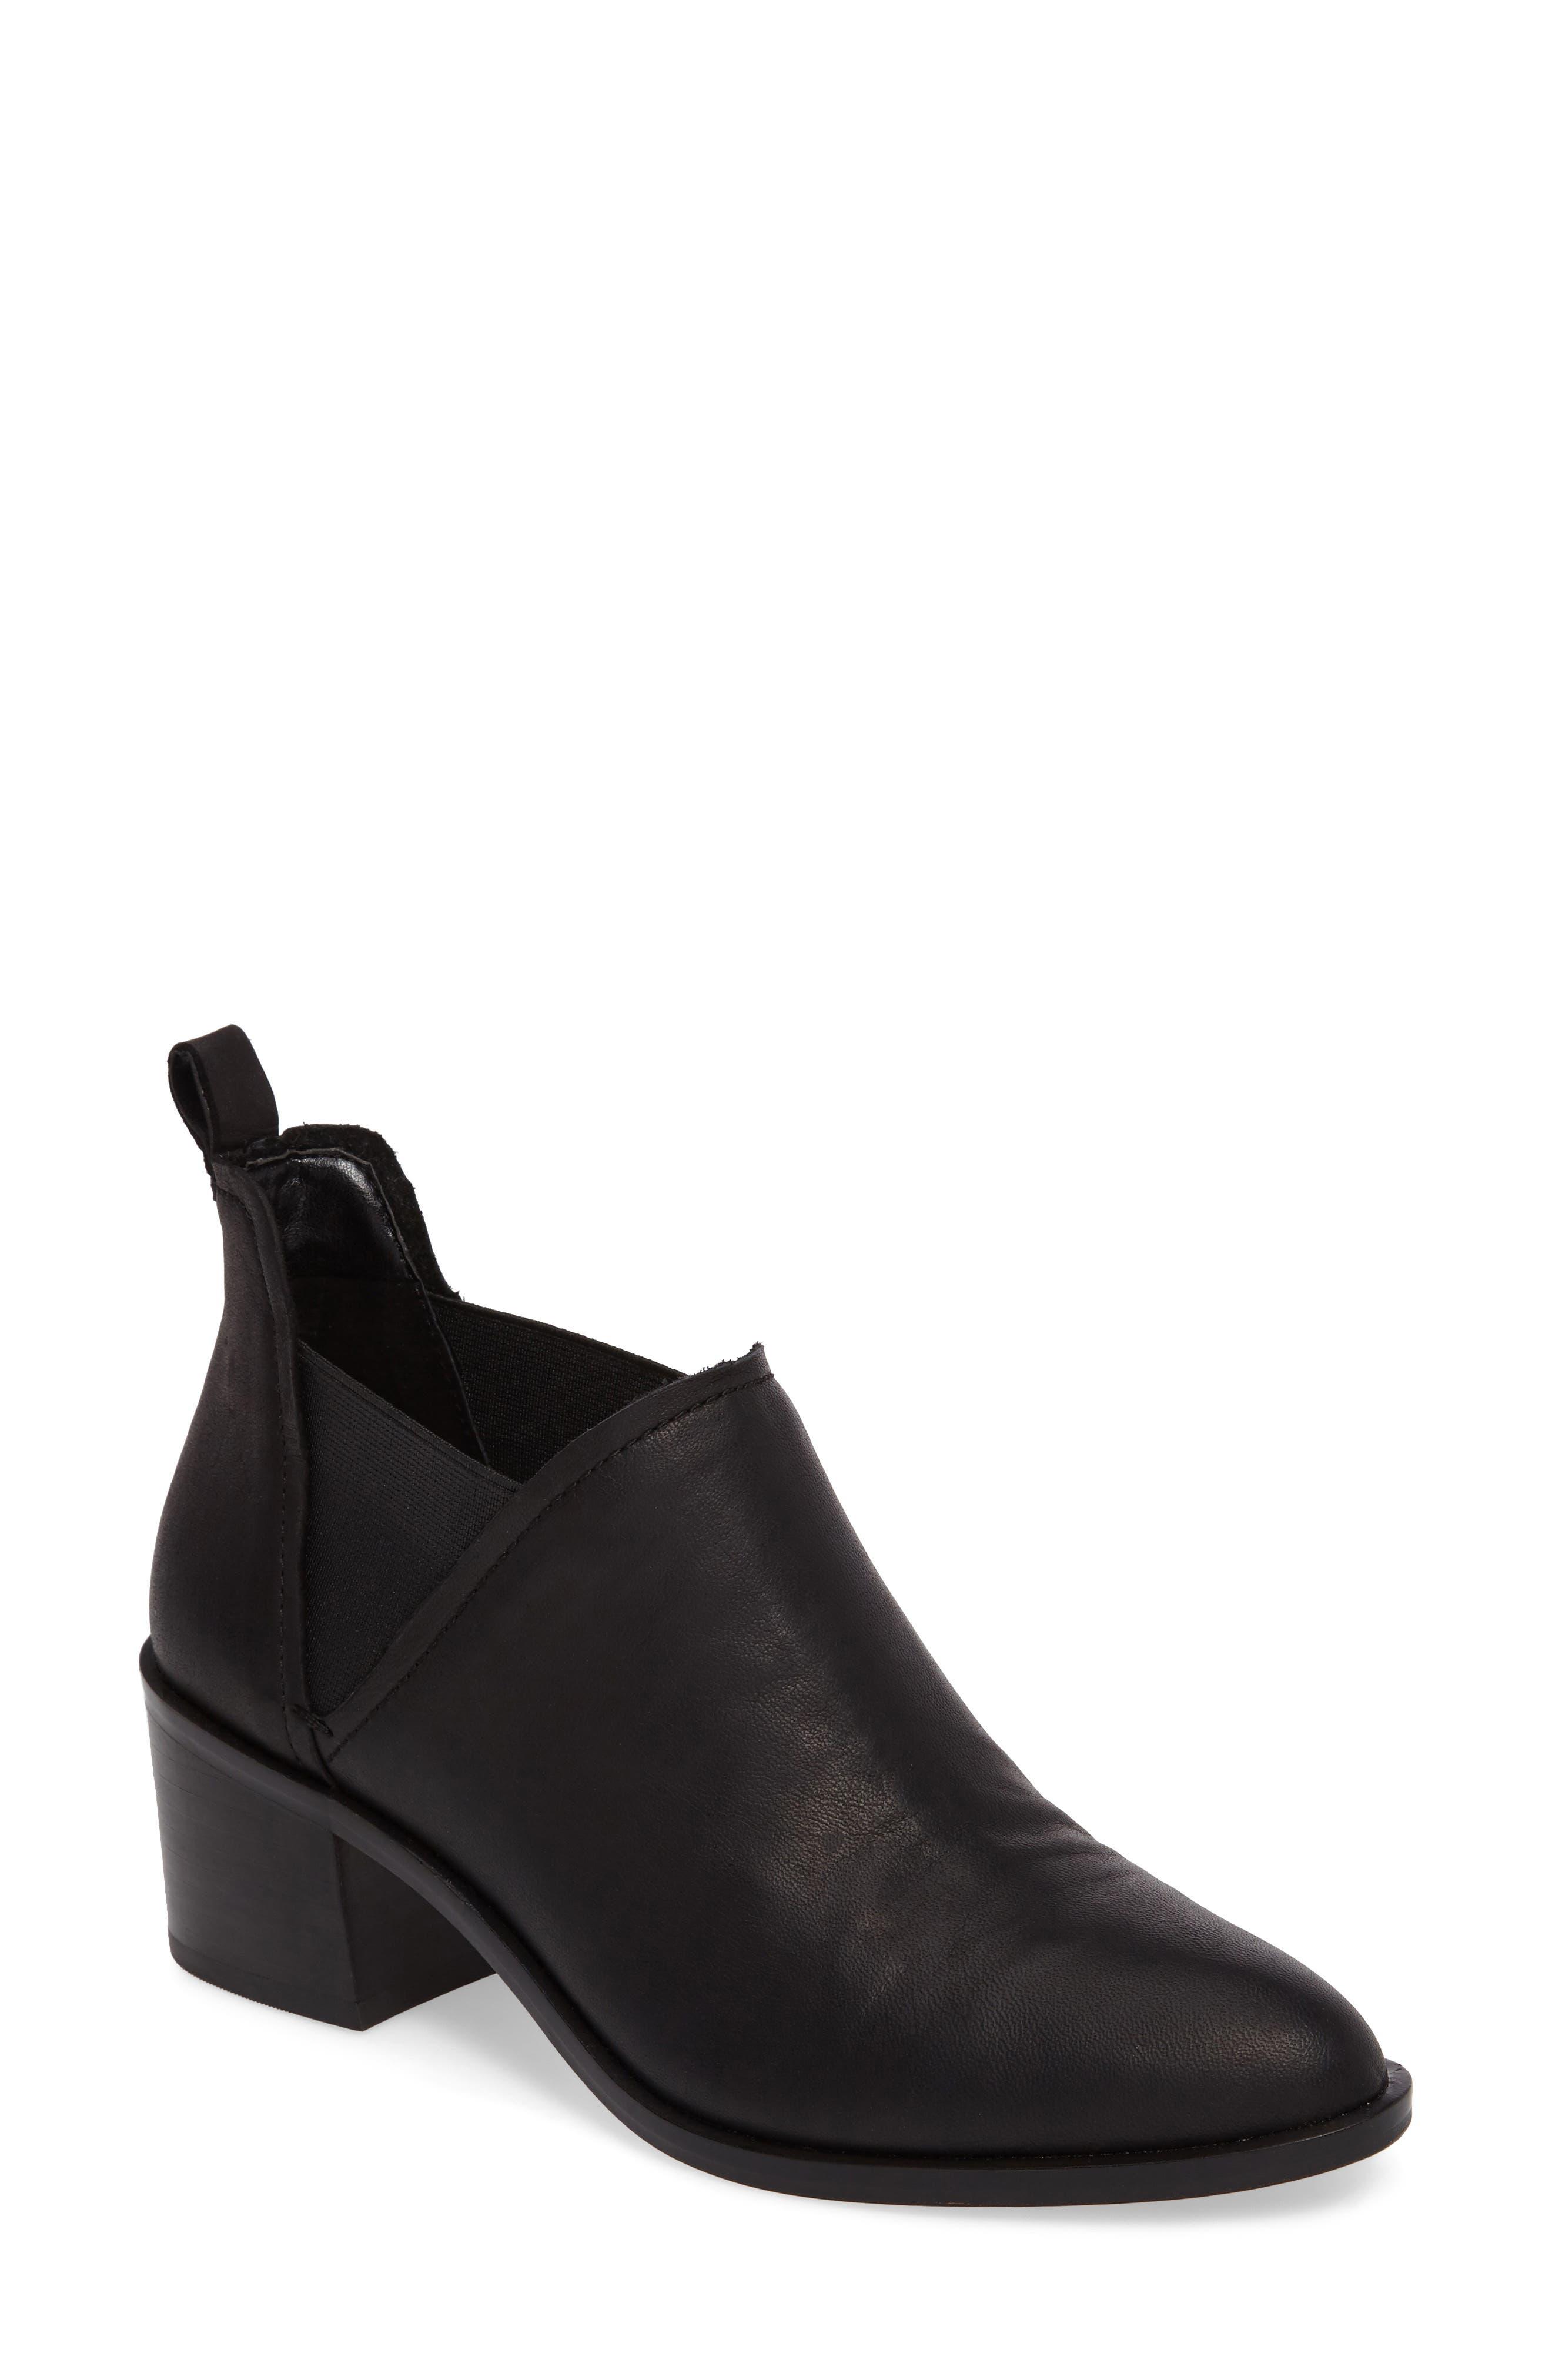 Main Image - 1.STATE Idrus Block Heel Boot (Women)